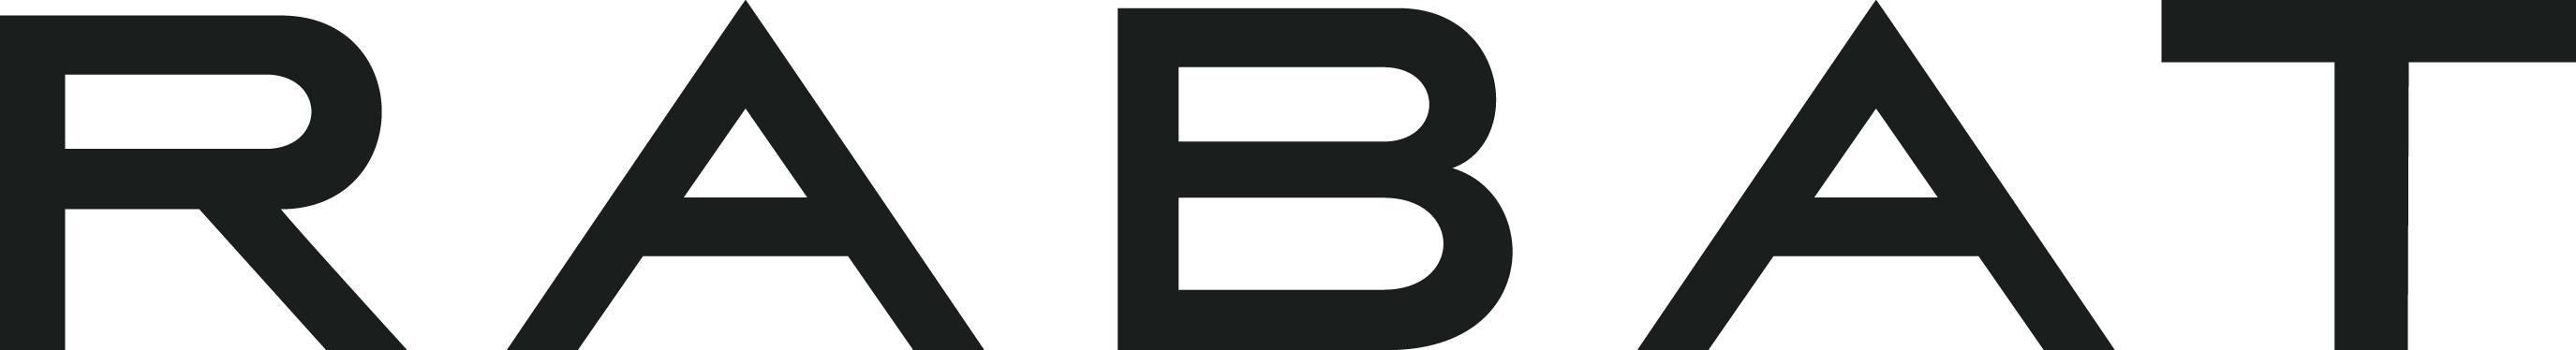 nuevo-logo-rabat1.jpg